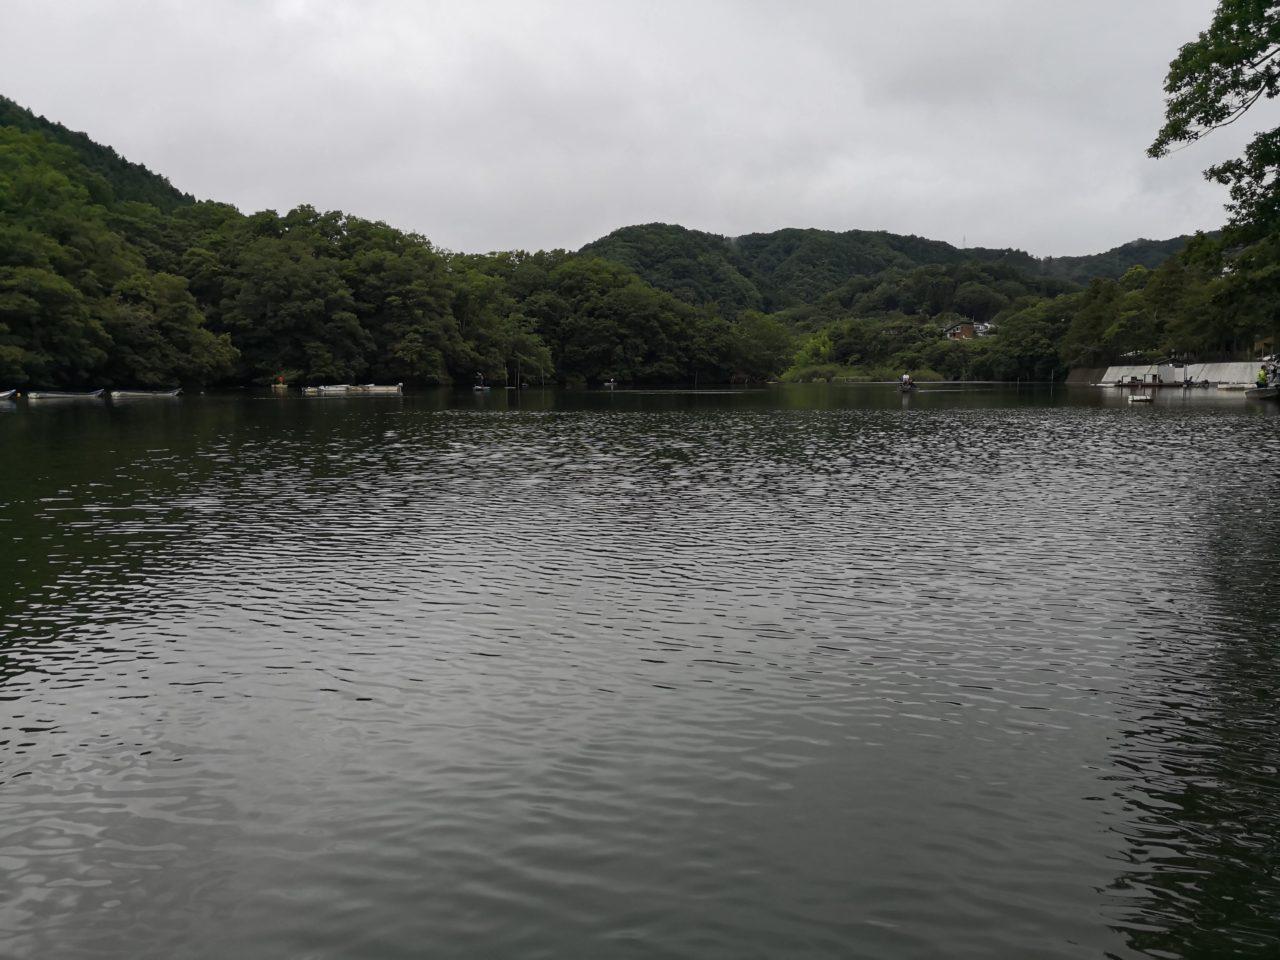 2019年6月29日(土)、梅雨空の下、相模湖でブラックバス